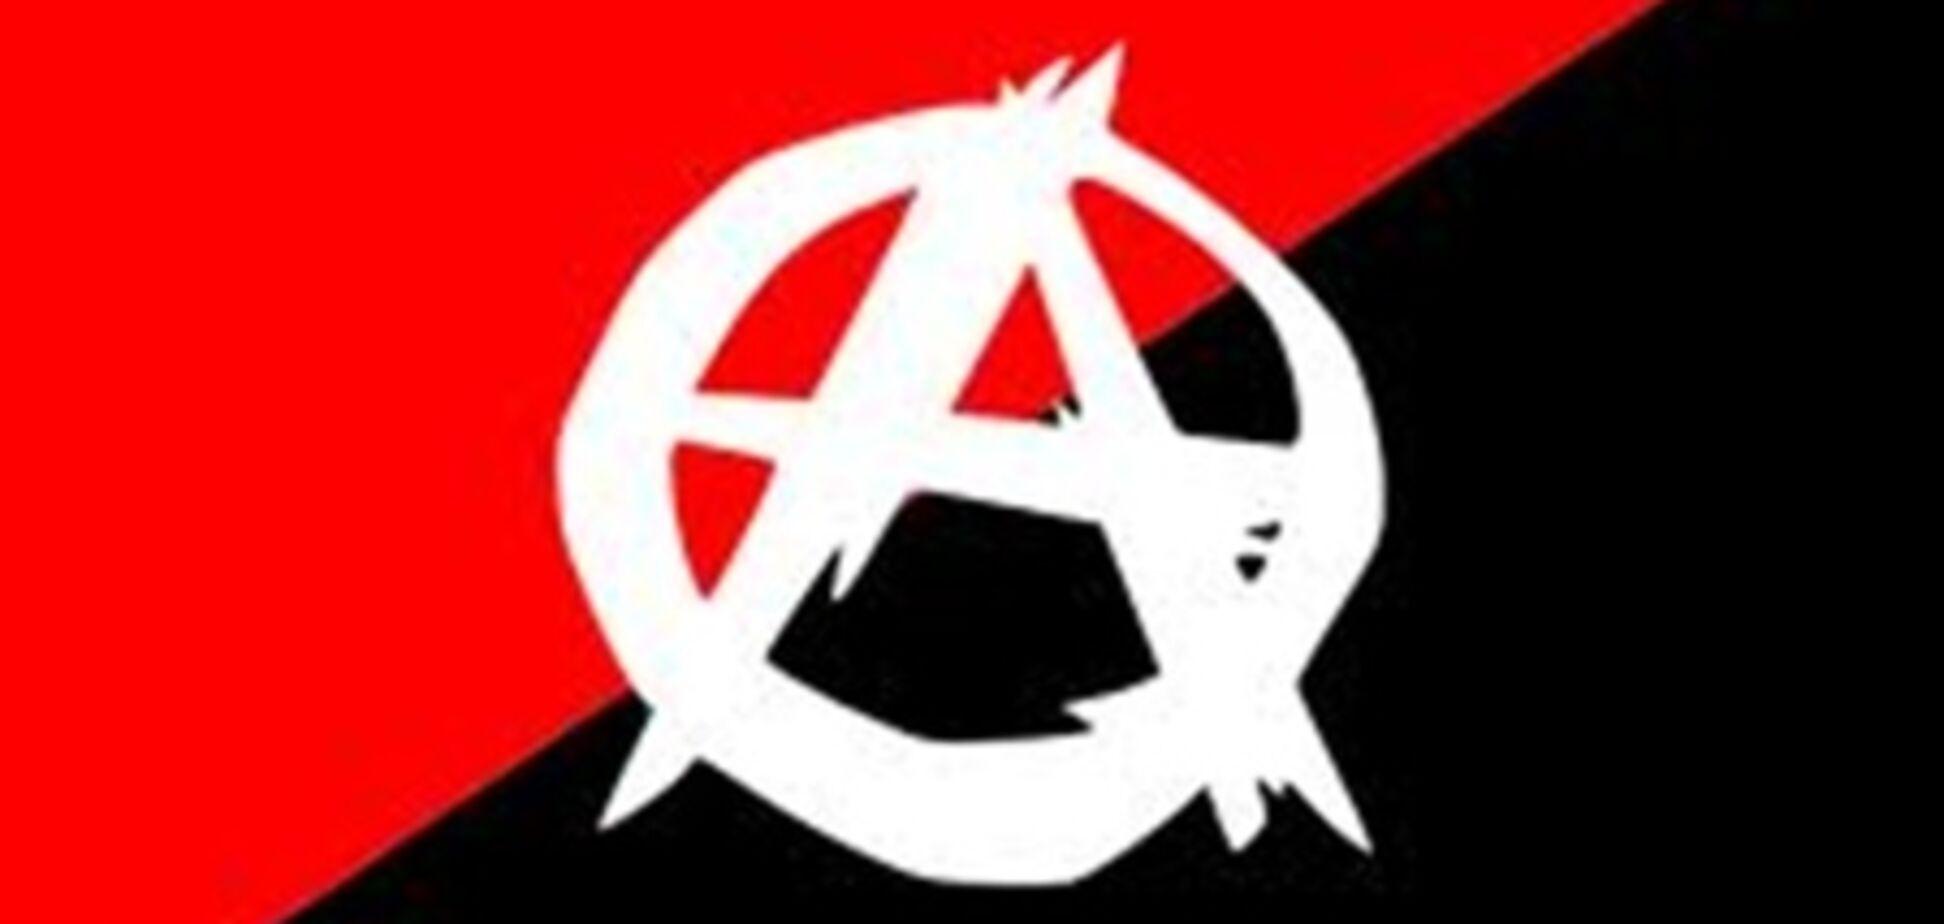 Десятки тысяч эстонских анархистов вышли на улицы и хором спели 'Мама Анархия' Цоя. Видео